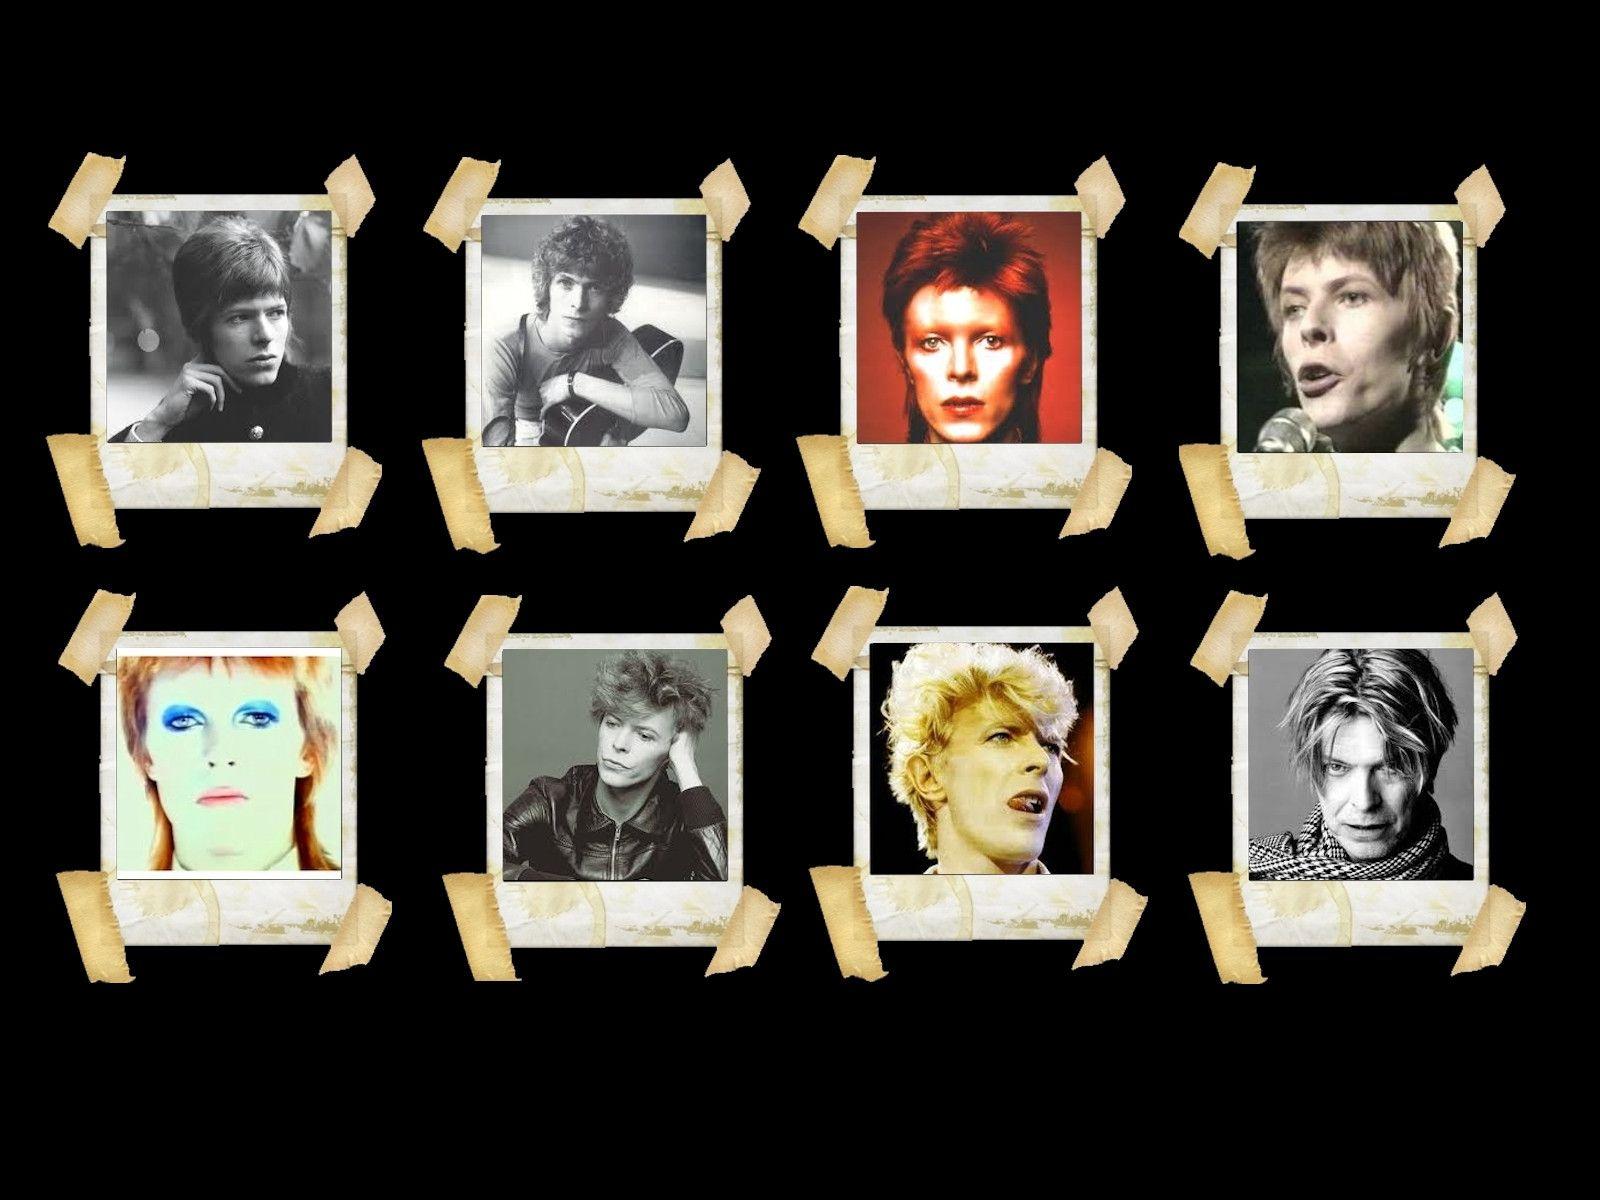 David Bowie foi um ícone da música e da moda.